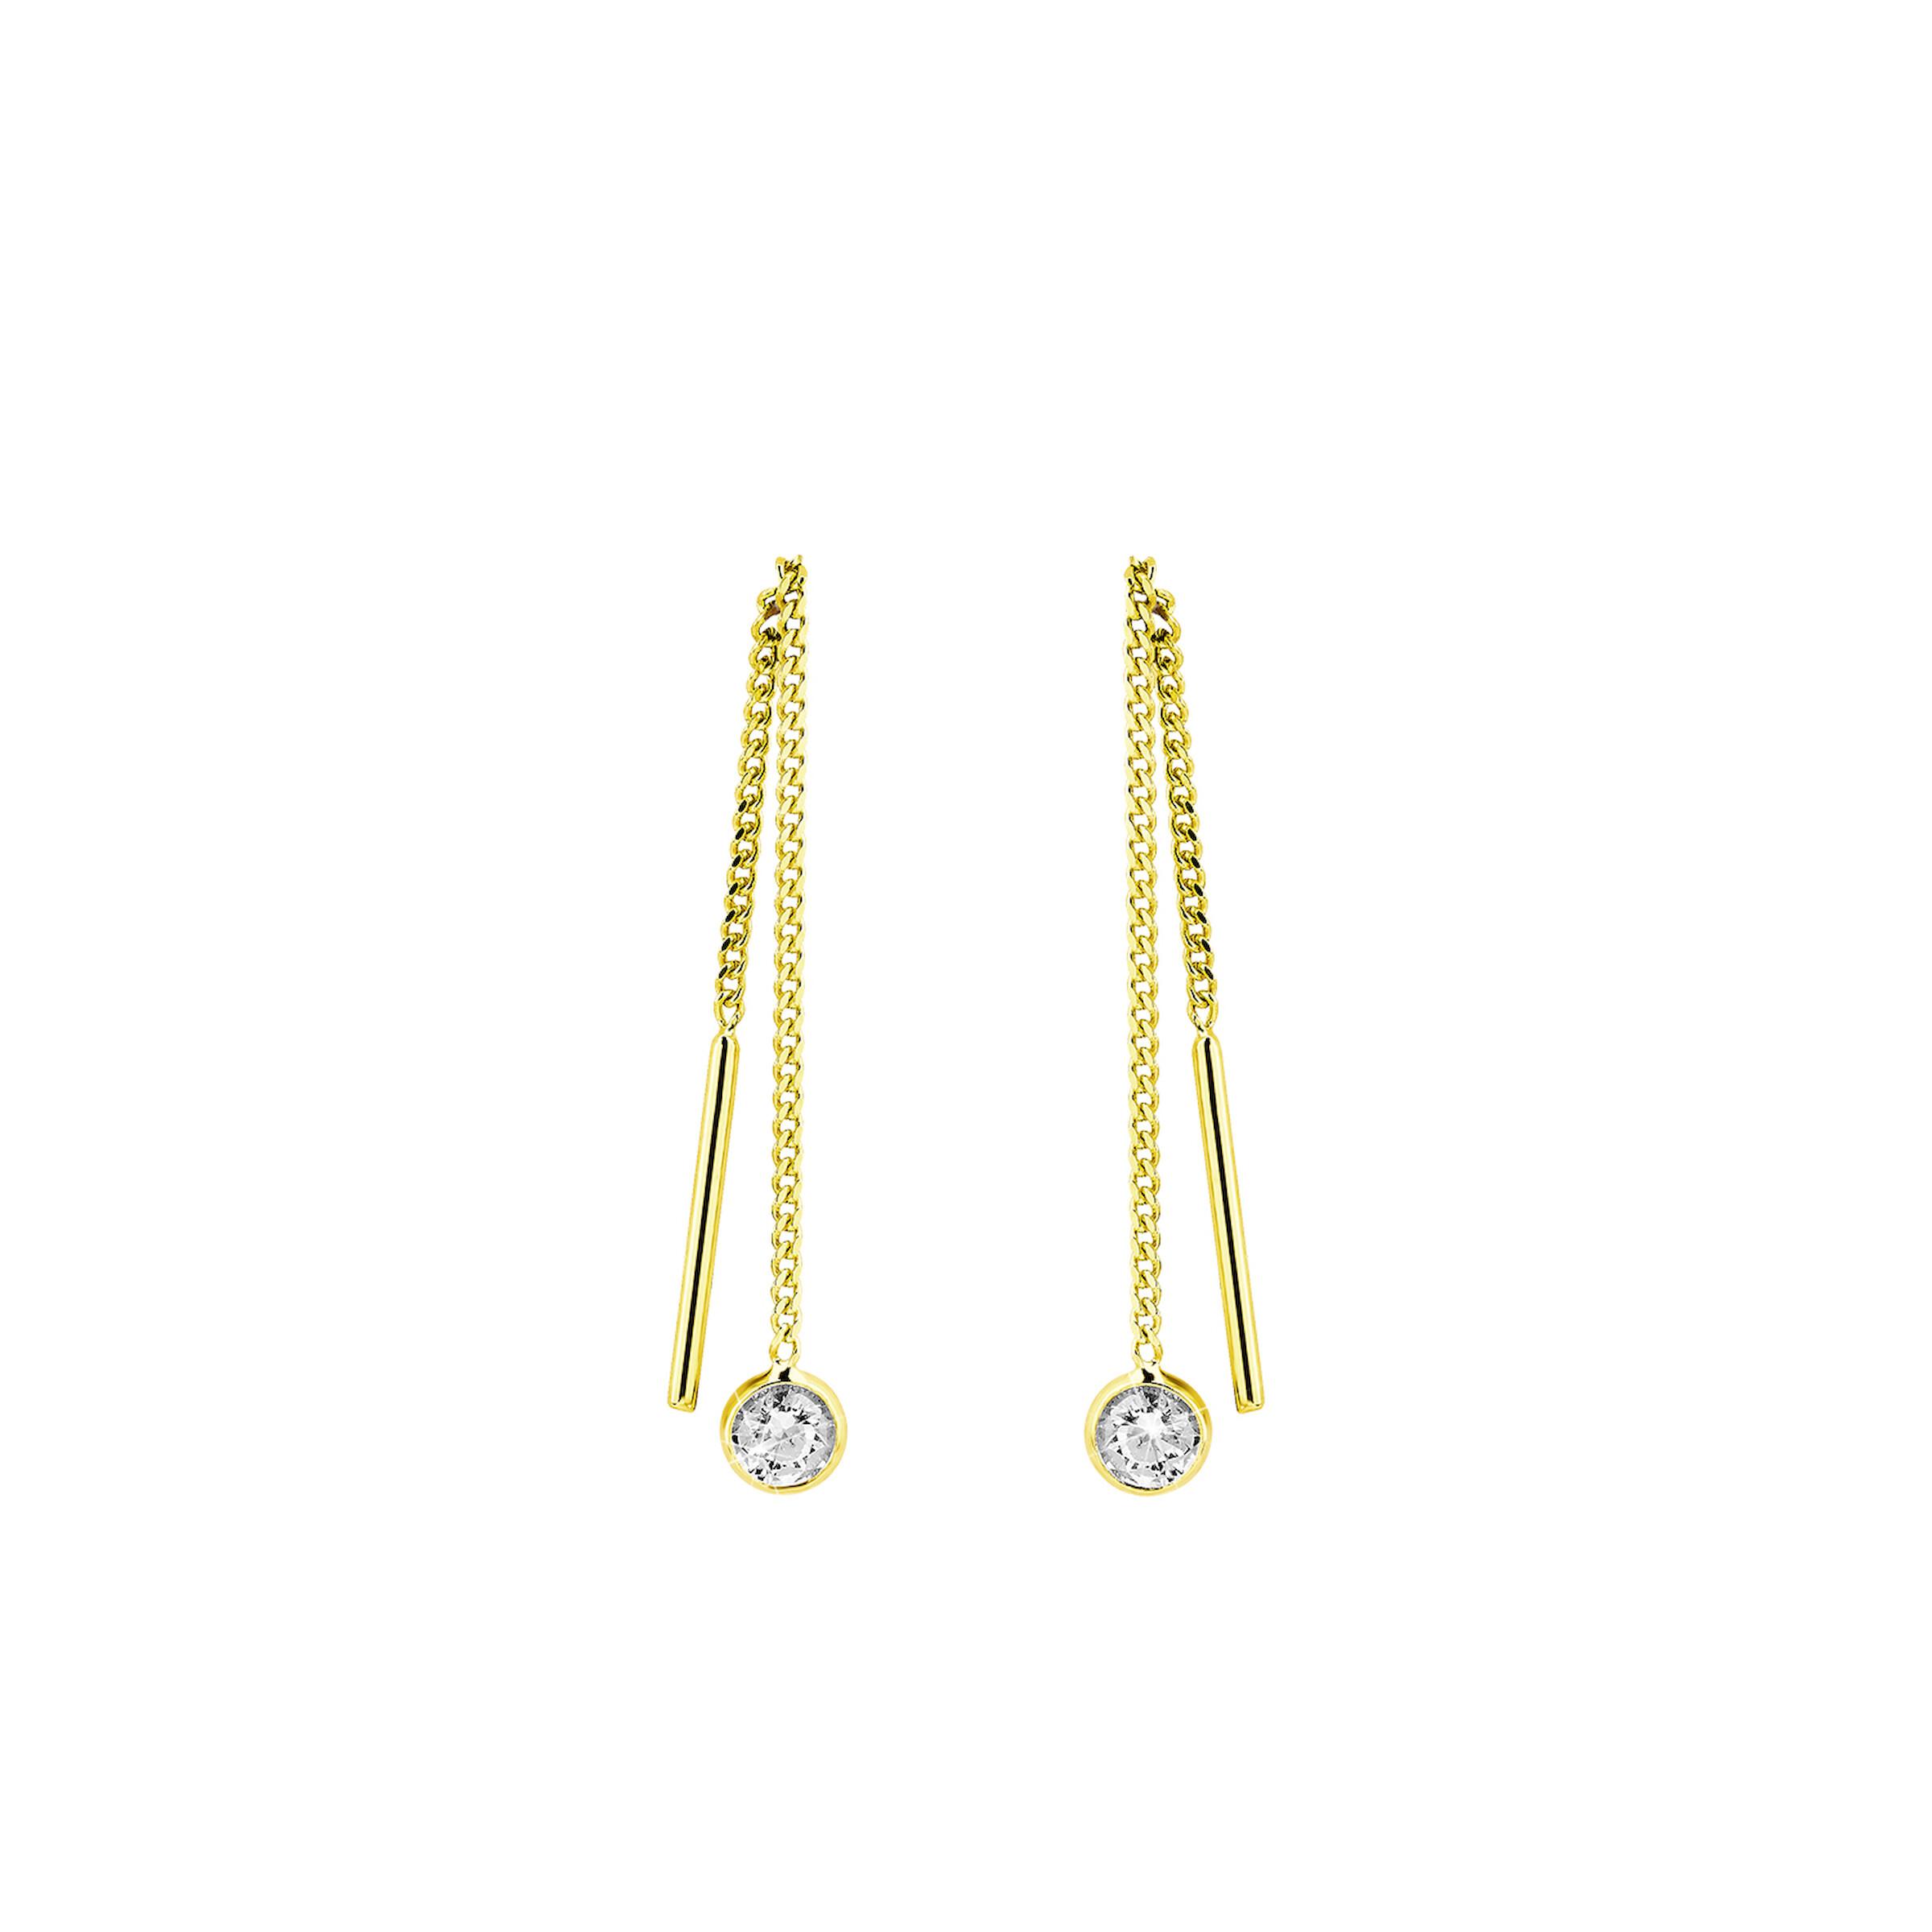 Ohrhänger für Damen, Gold 375, Zirkonia